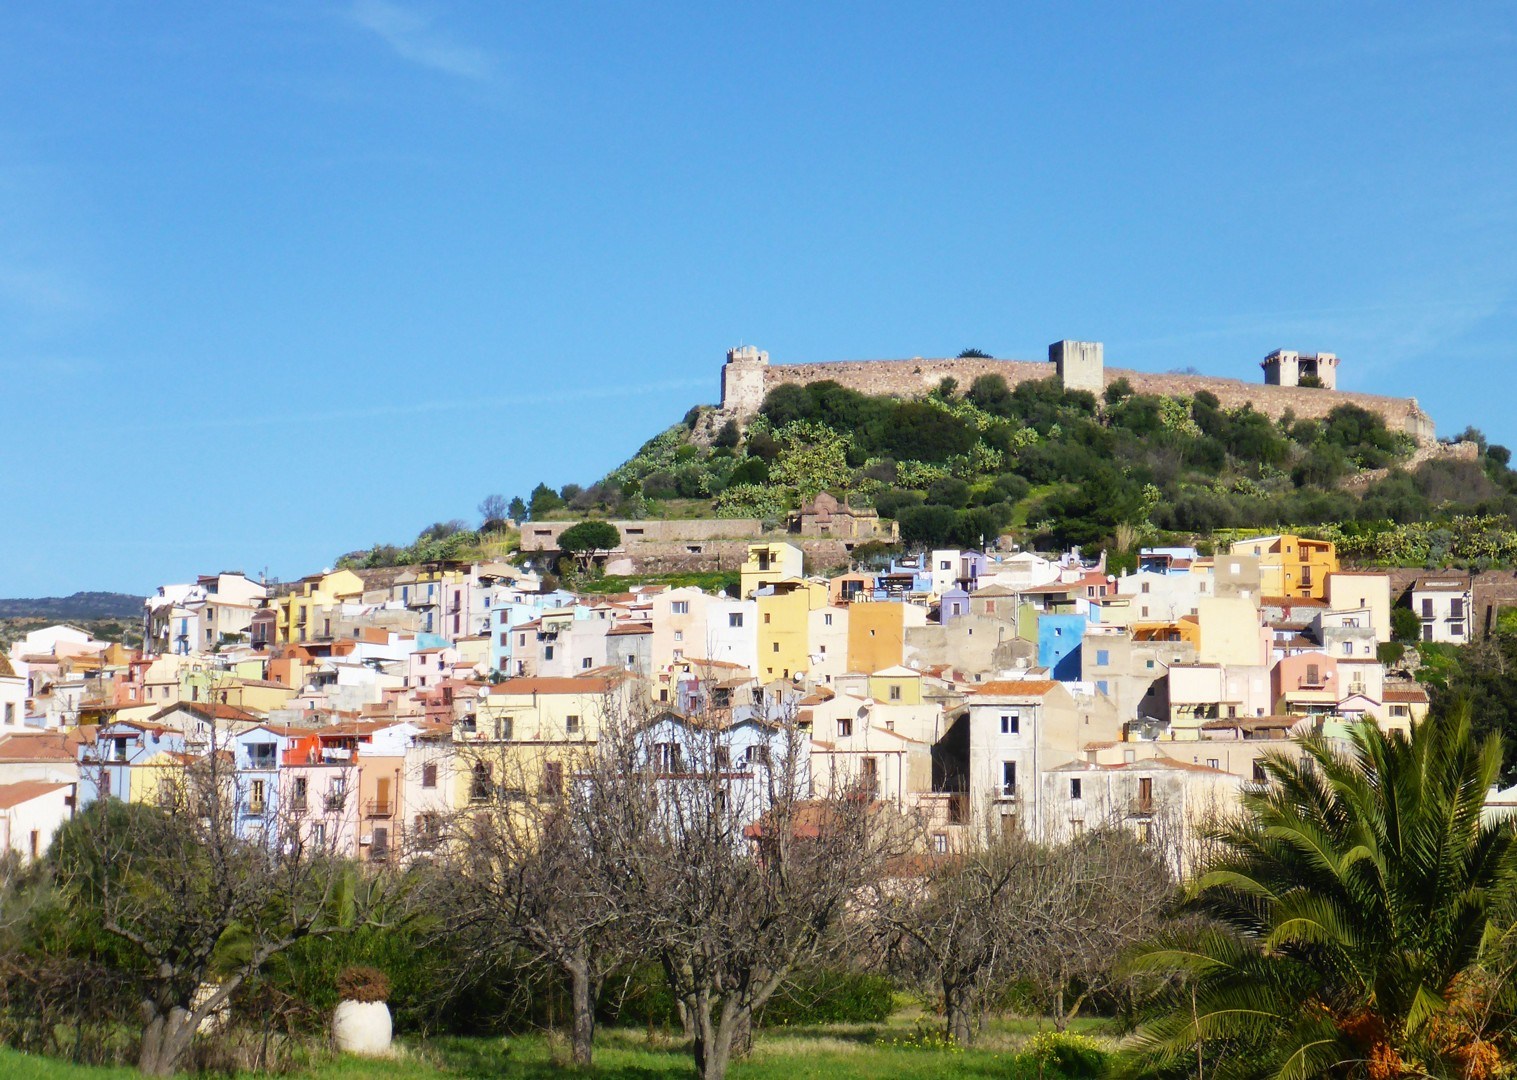 sardinia-leisure-cycling-holiday.jpg - Italy - Sardinia - West Coast Wonders - Self-Guided Leisure Cycling Holiday - Italia Leisure and Family Cycling